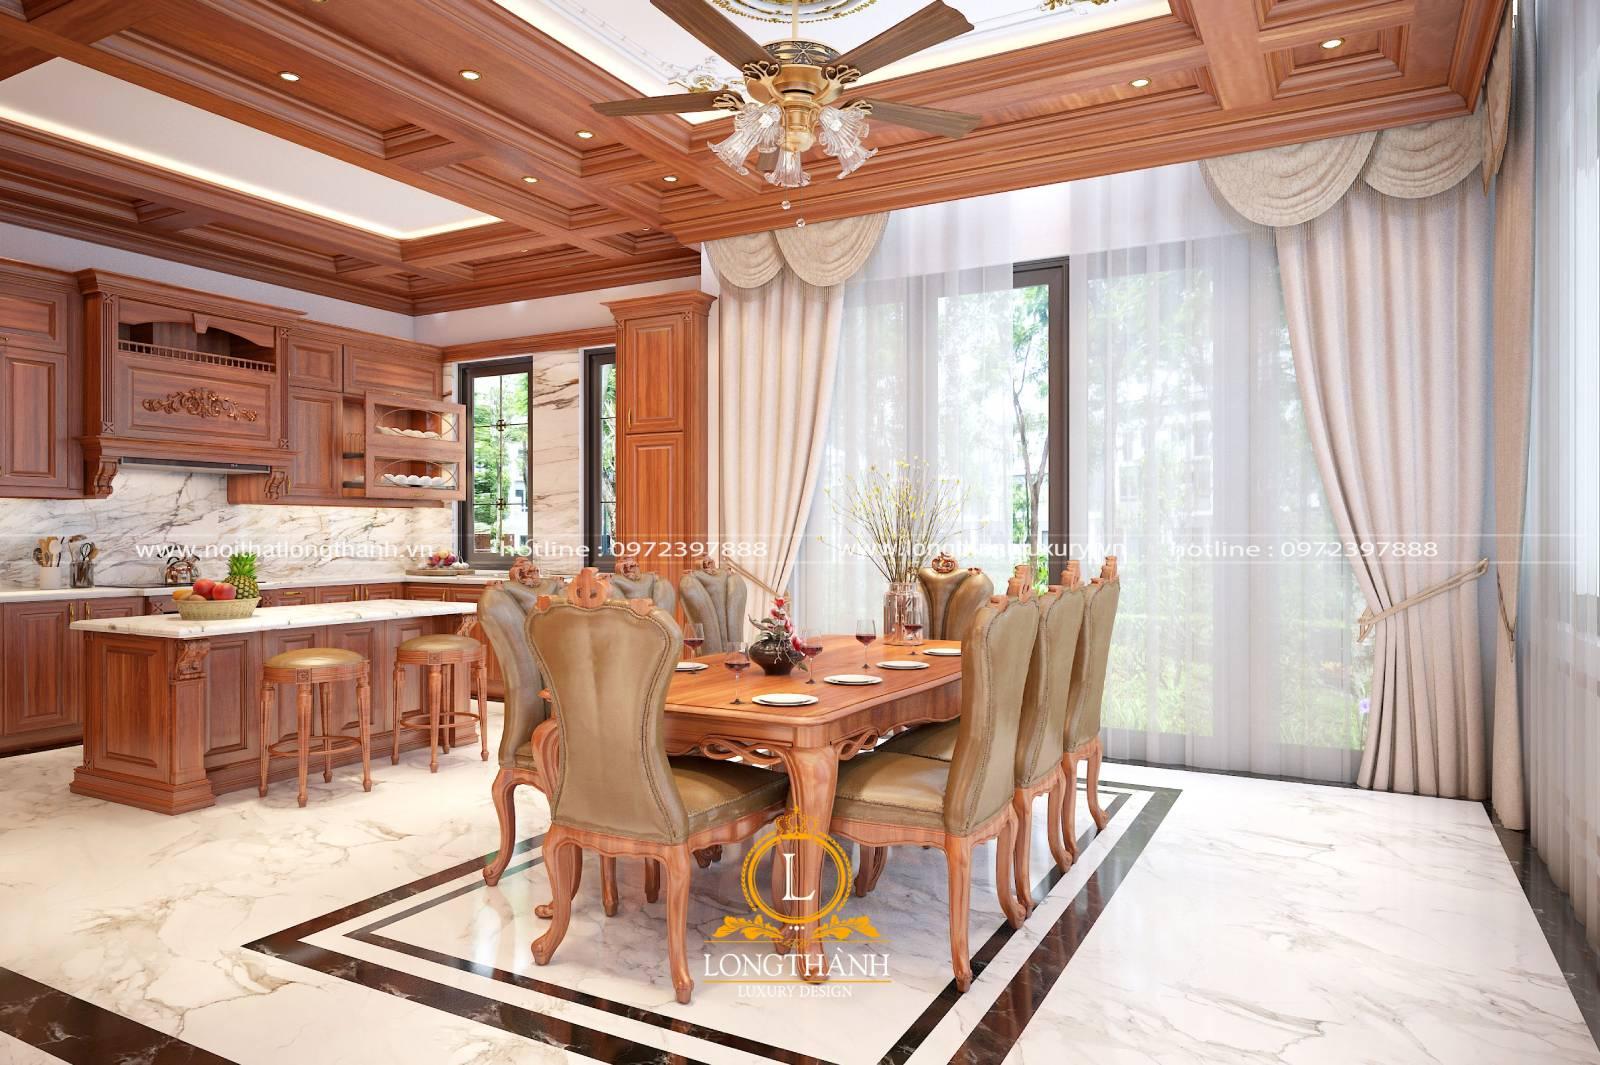 Mẫu tủ bếp gỗ Gõ cho nhà biệt thự kết hợp bàn đảo và bàn ăn